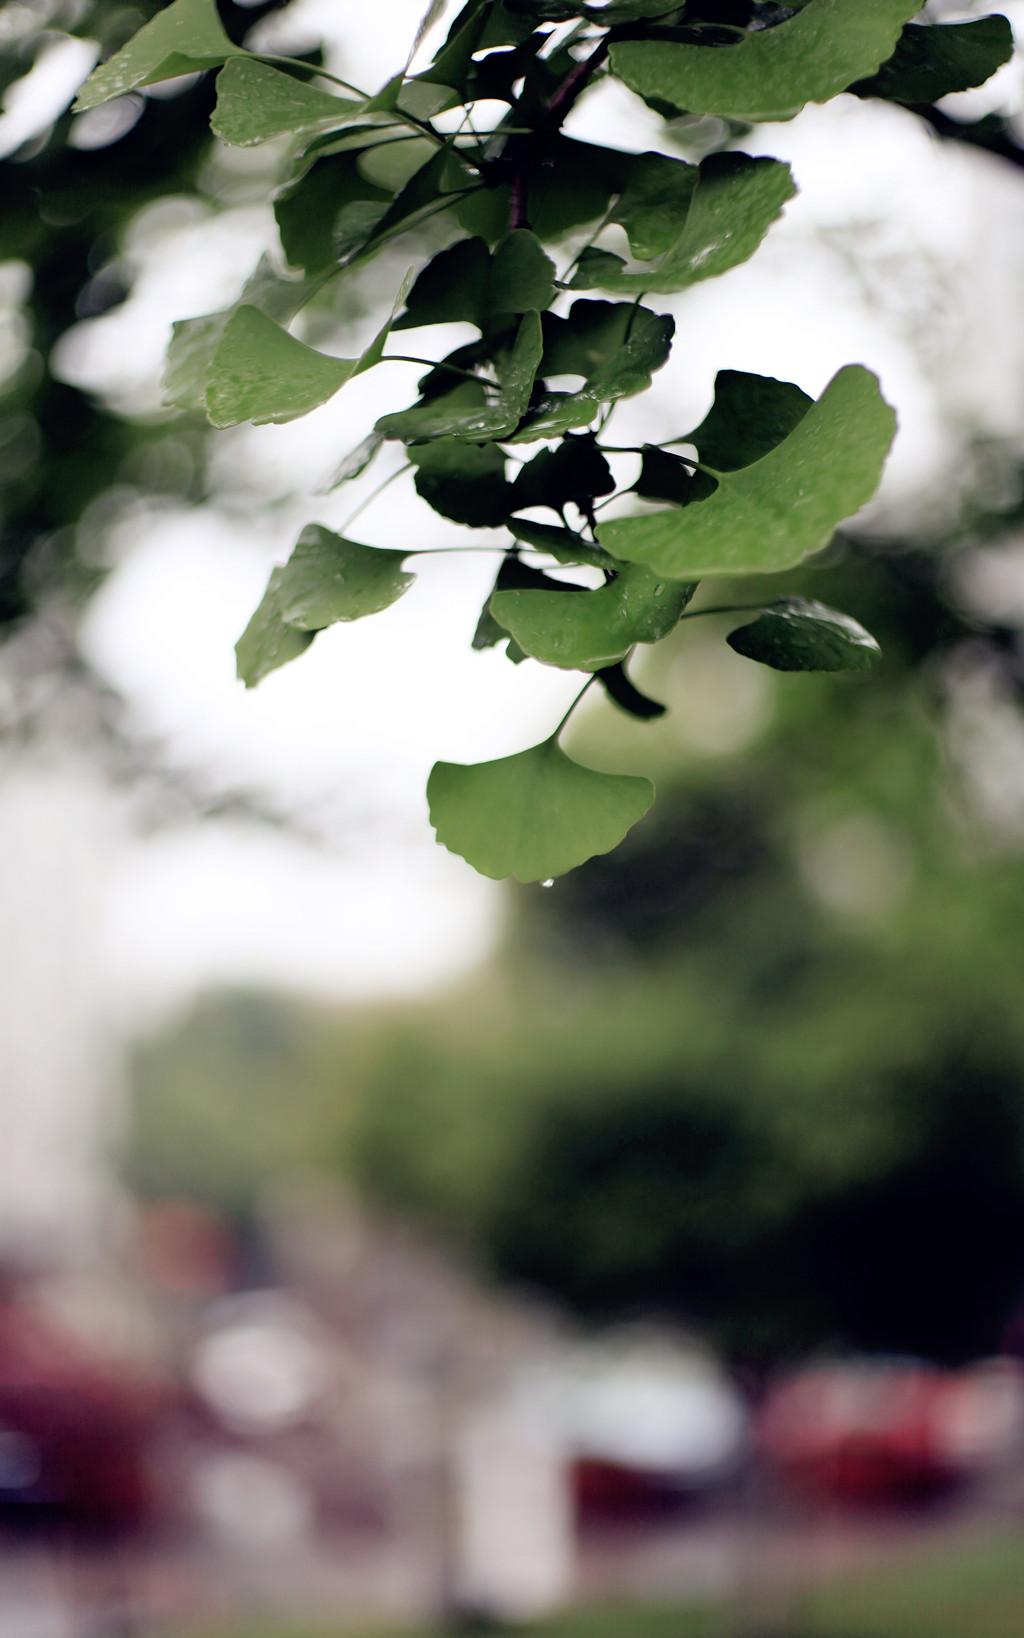 雨 - 010 - 摄影:米多饭香